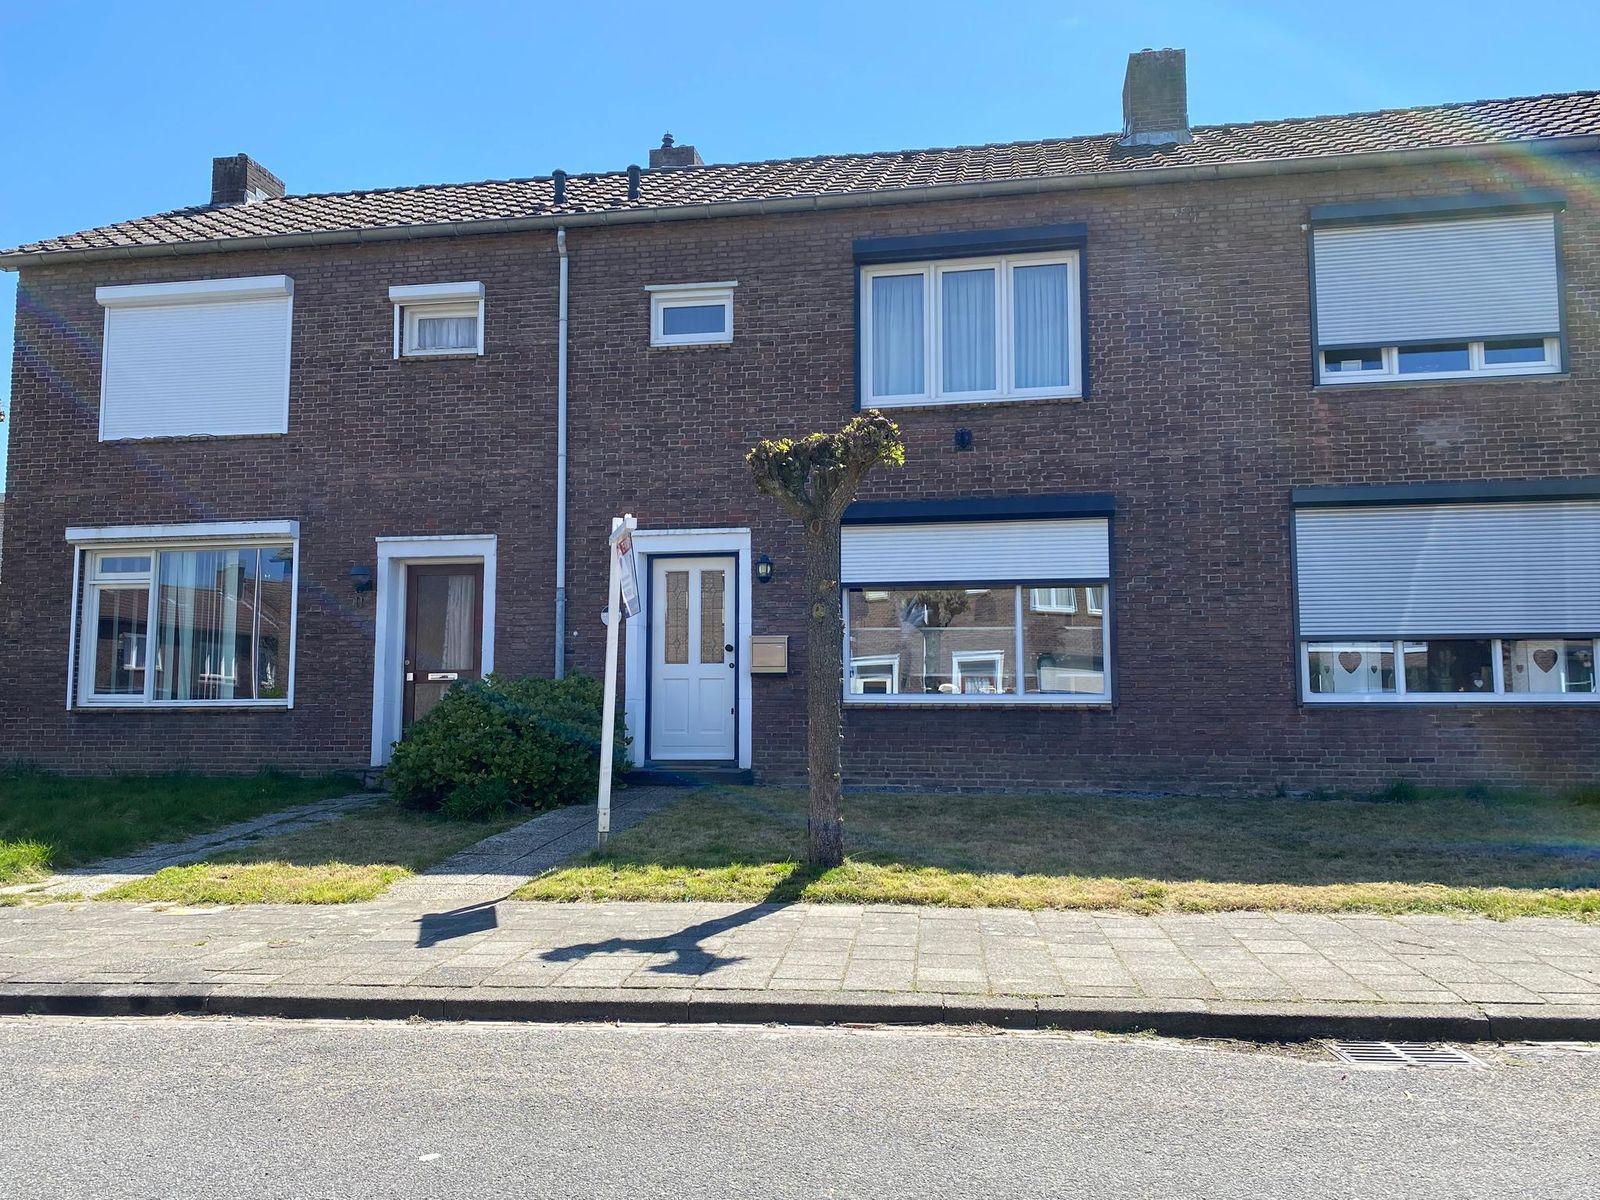 Cluysenaerstraat 13, Heerlen